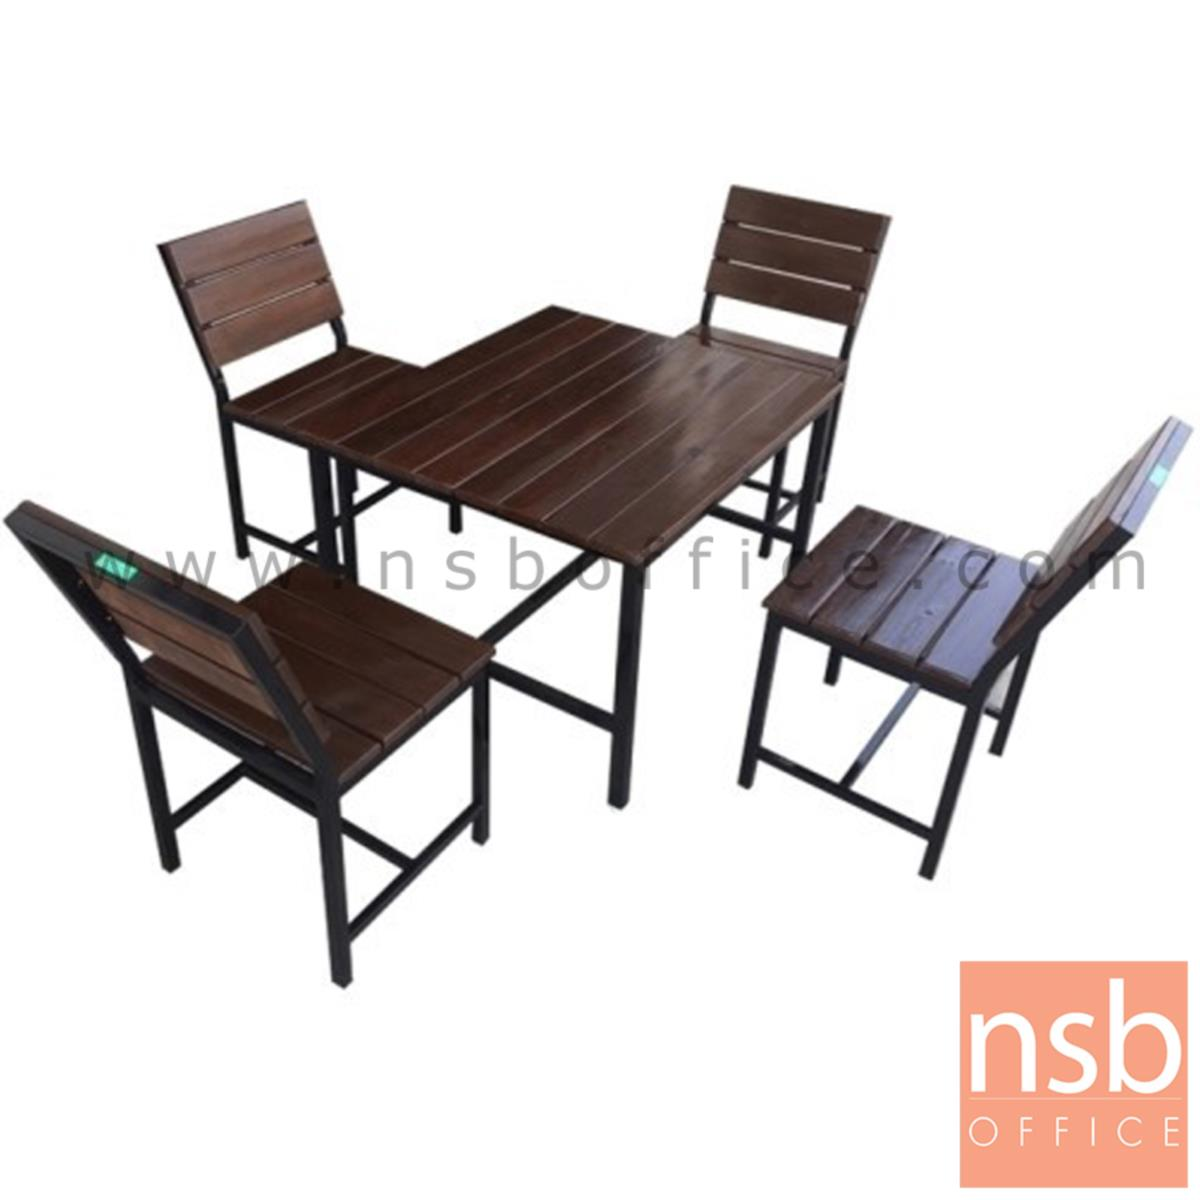 A17A088:ชุดโต๊ะและเก้าอี้กิจกรรมไม้ระแนงทำสีโอ๊ค รุ่น VIRGINIA (เวอร์จิเนีย) ขนาด 120W ,150W cm. ขาเหล็ก